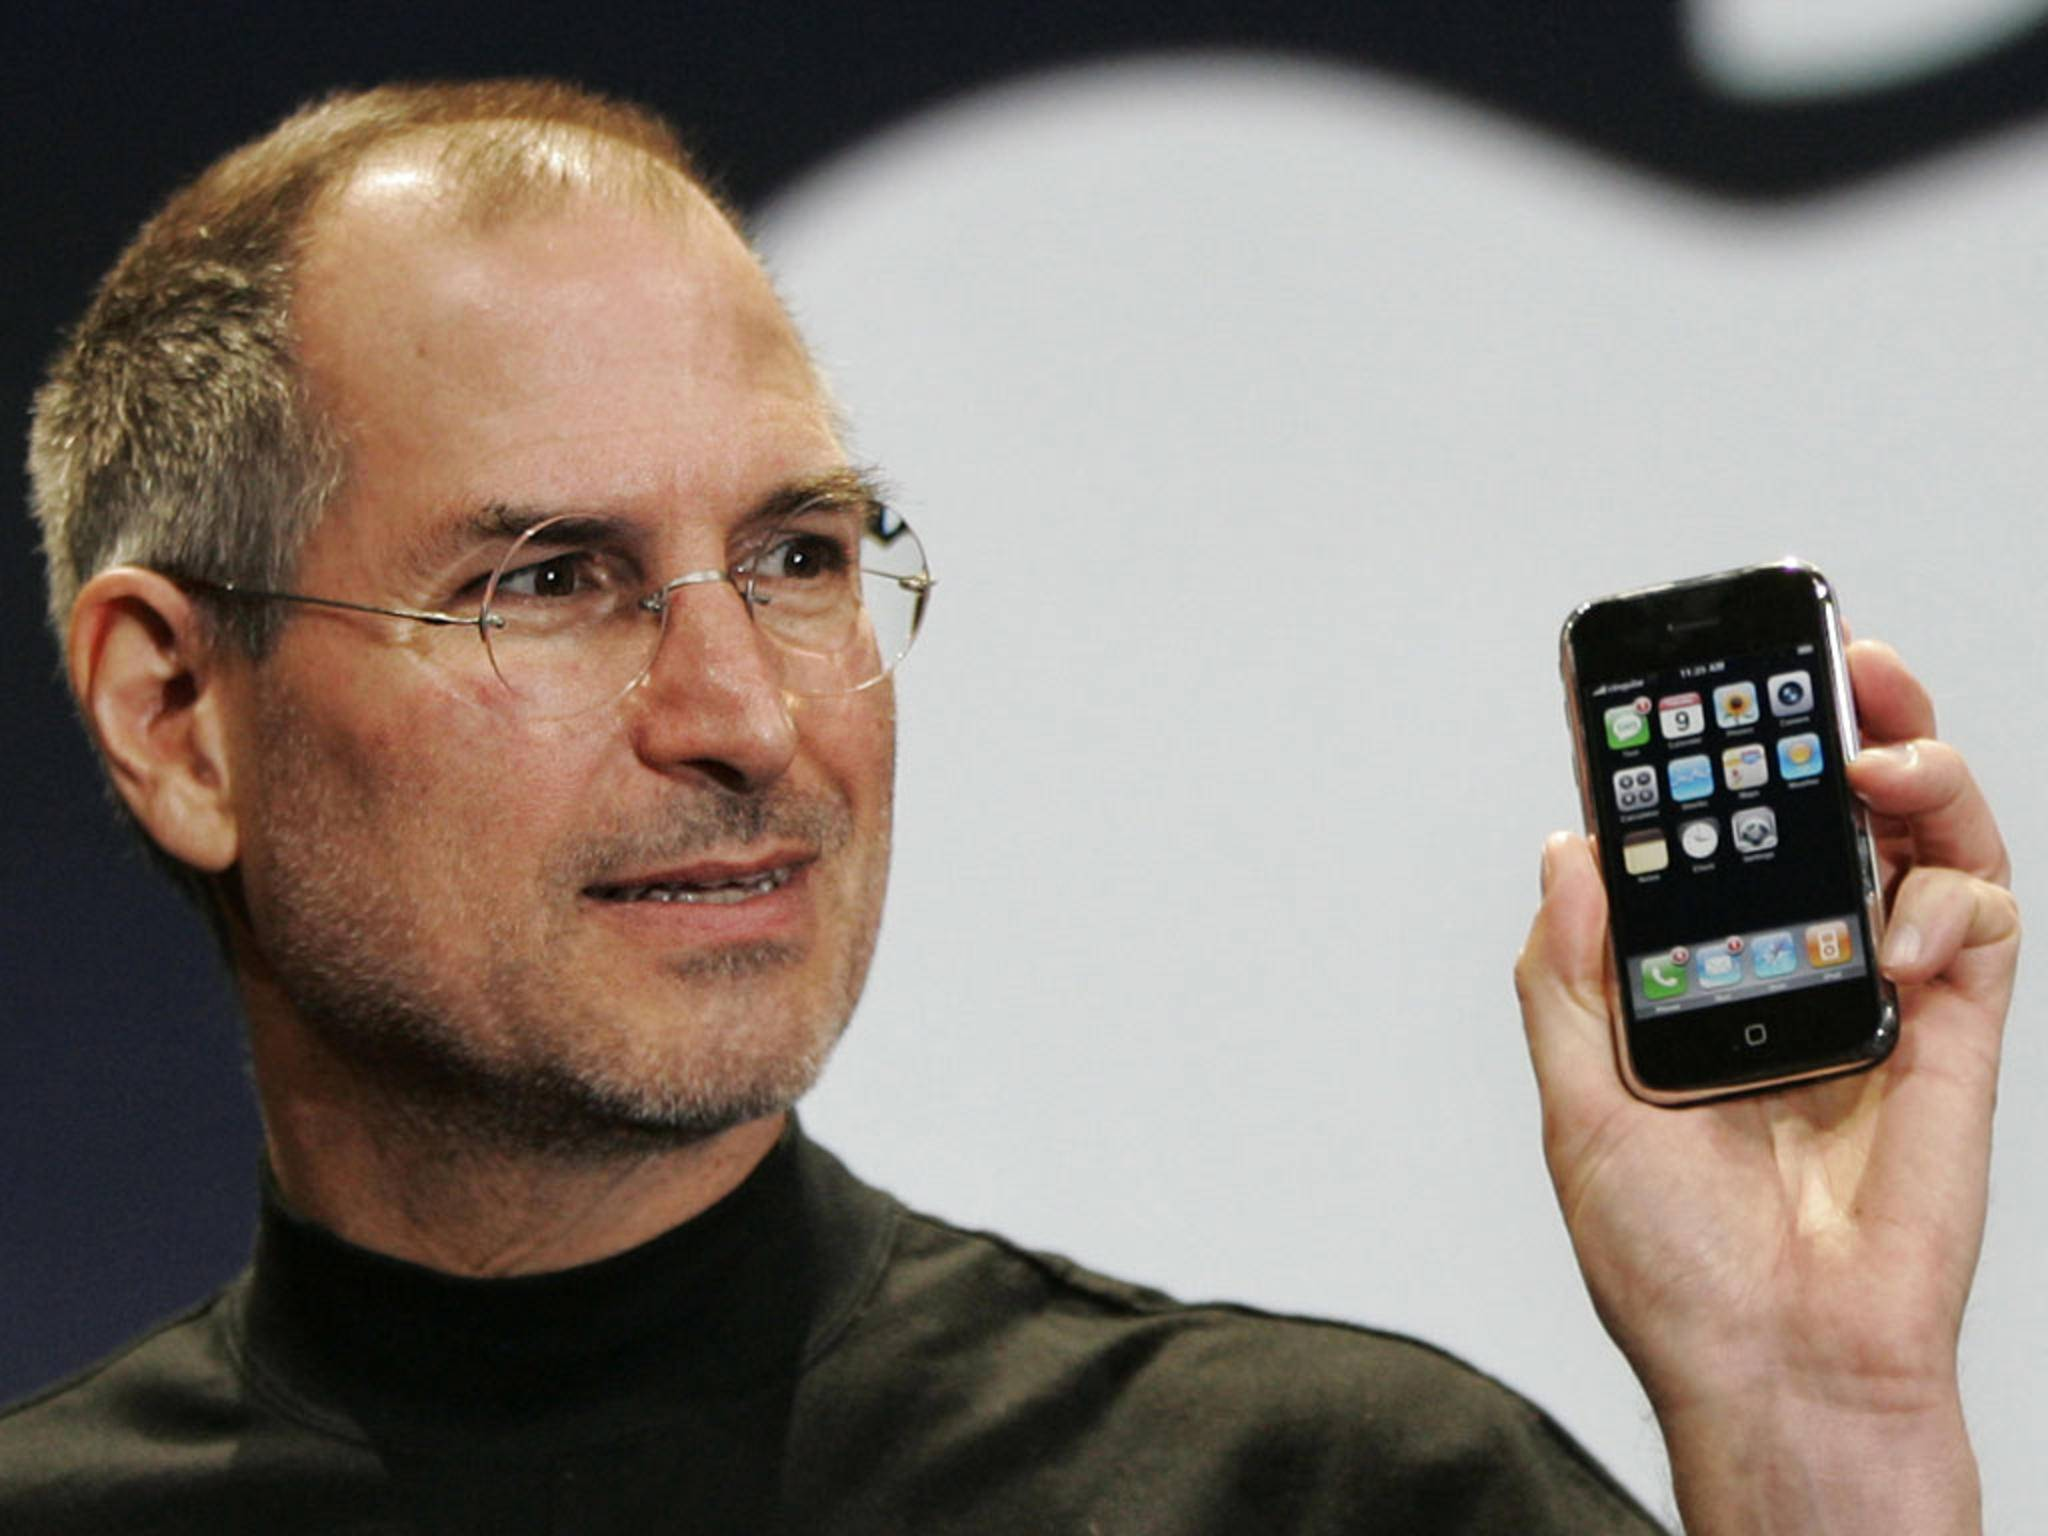 Das iPhone ist das einflussreichste Gadget aller Zeiten.